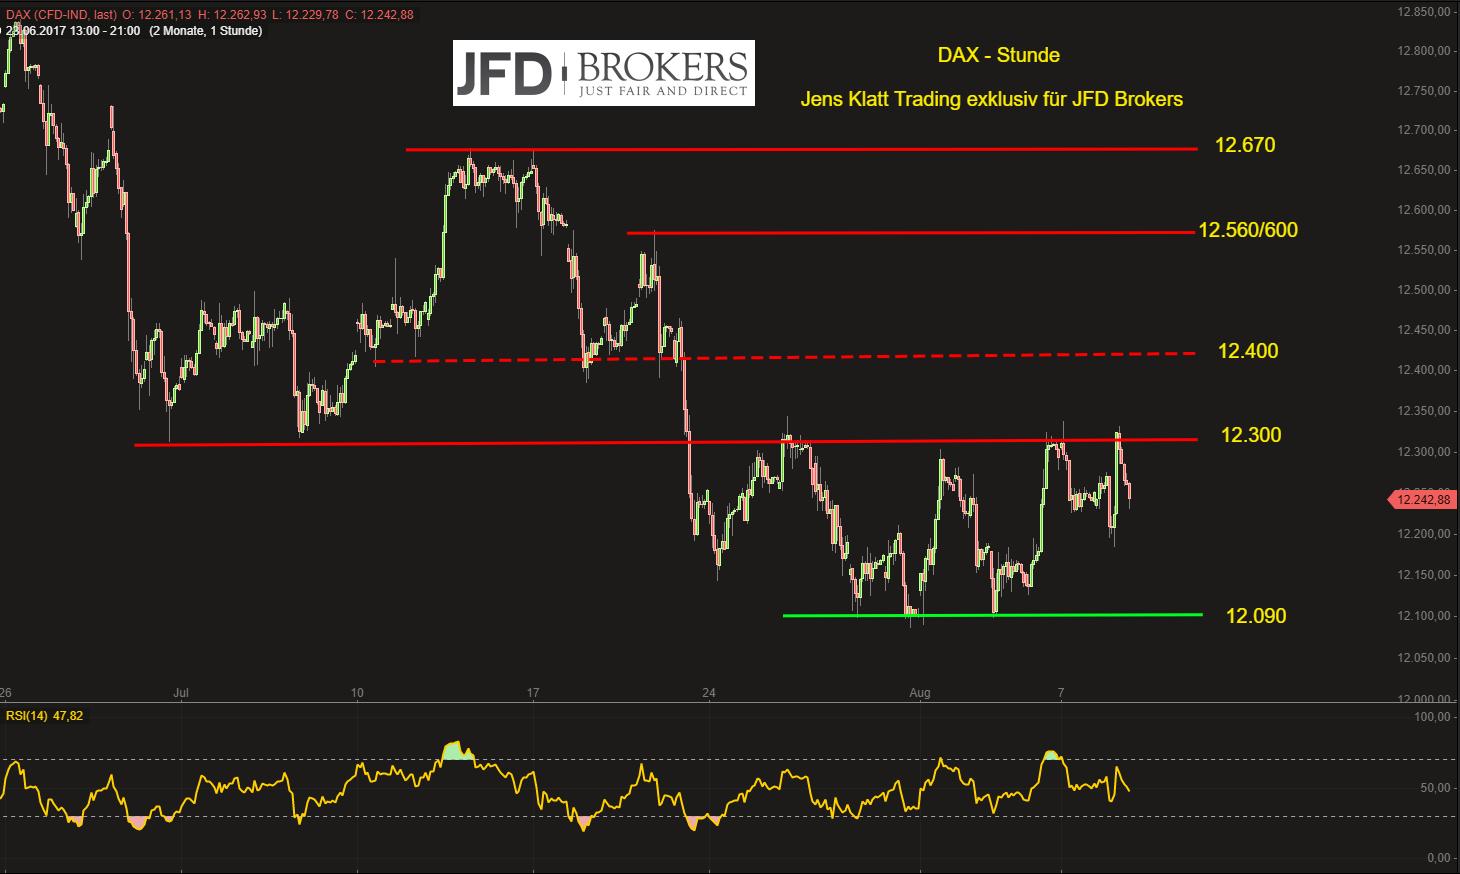 DAX-technische-Vorzeichen-am-Mittwoch-unverändert-doch-Vorteil-der-Bullen-erkennbar-Kommentar-JFD-Brokers-GodmodeTrader.de-2